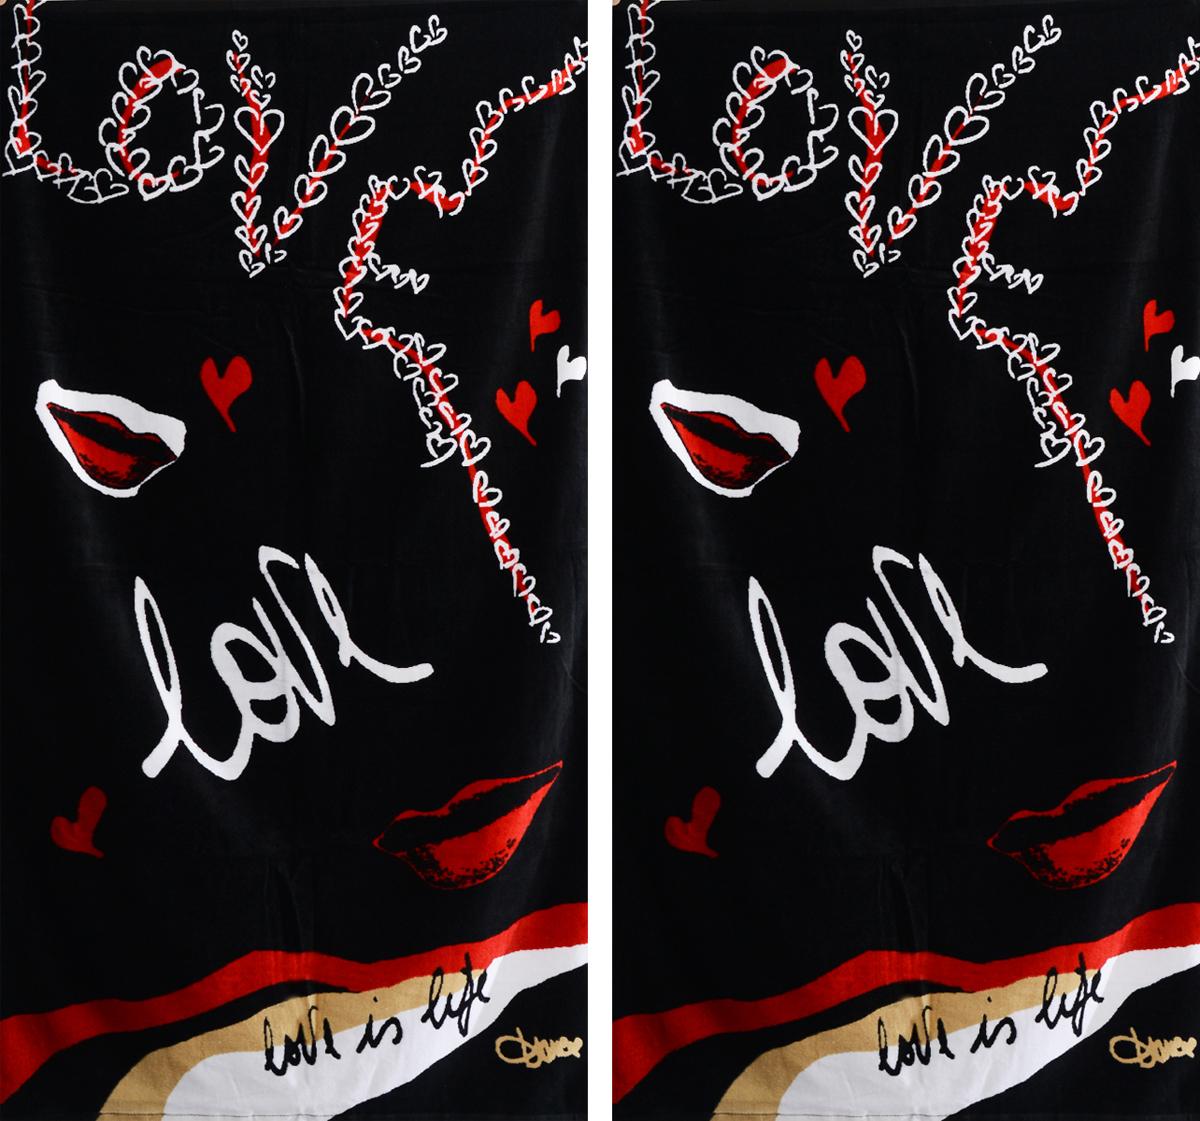 Набор махровых полотенец Коллекция Love is Life, 70 х 137 см, 2 шт4774Набор Коллекция Love is Life состоит из двух махровых полотенец, выполненных из натурального 100% хлопка. Изделия отлично впитывают влагу, быстро сохнут, сохраняют яркость цвета и не теряют формы даже после многократных стирок.Полотенца Коллекция Love is Life очень практичны и неприхотливы в уходе. Комплектация: 2 шт.